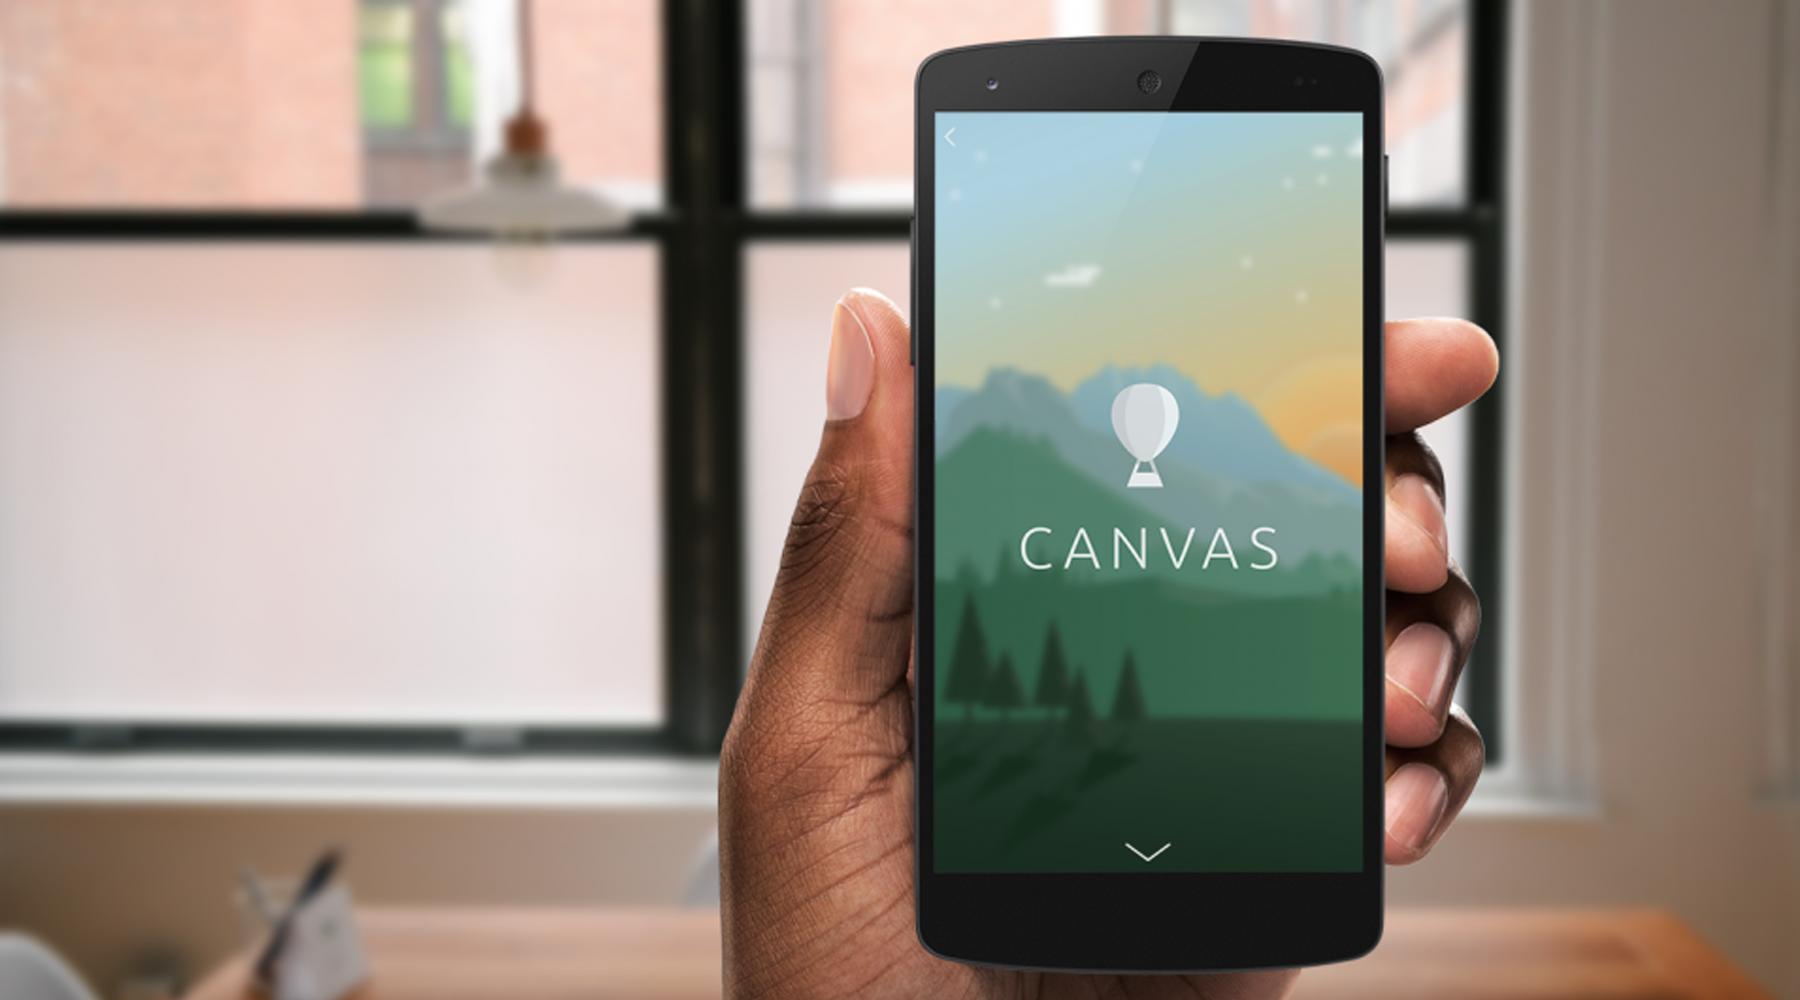 Découvrez Canvas, le format publicitaire très immersif de Facebook sur mobile